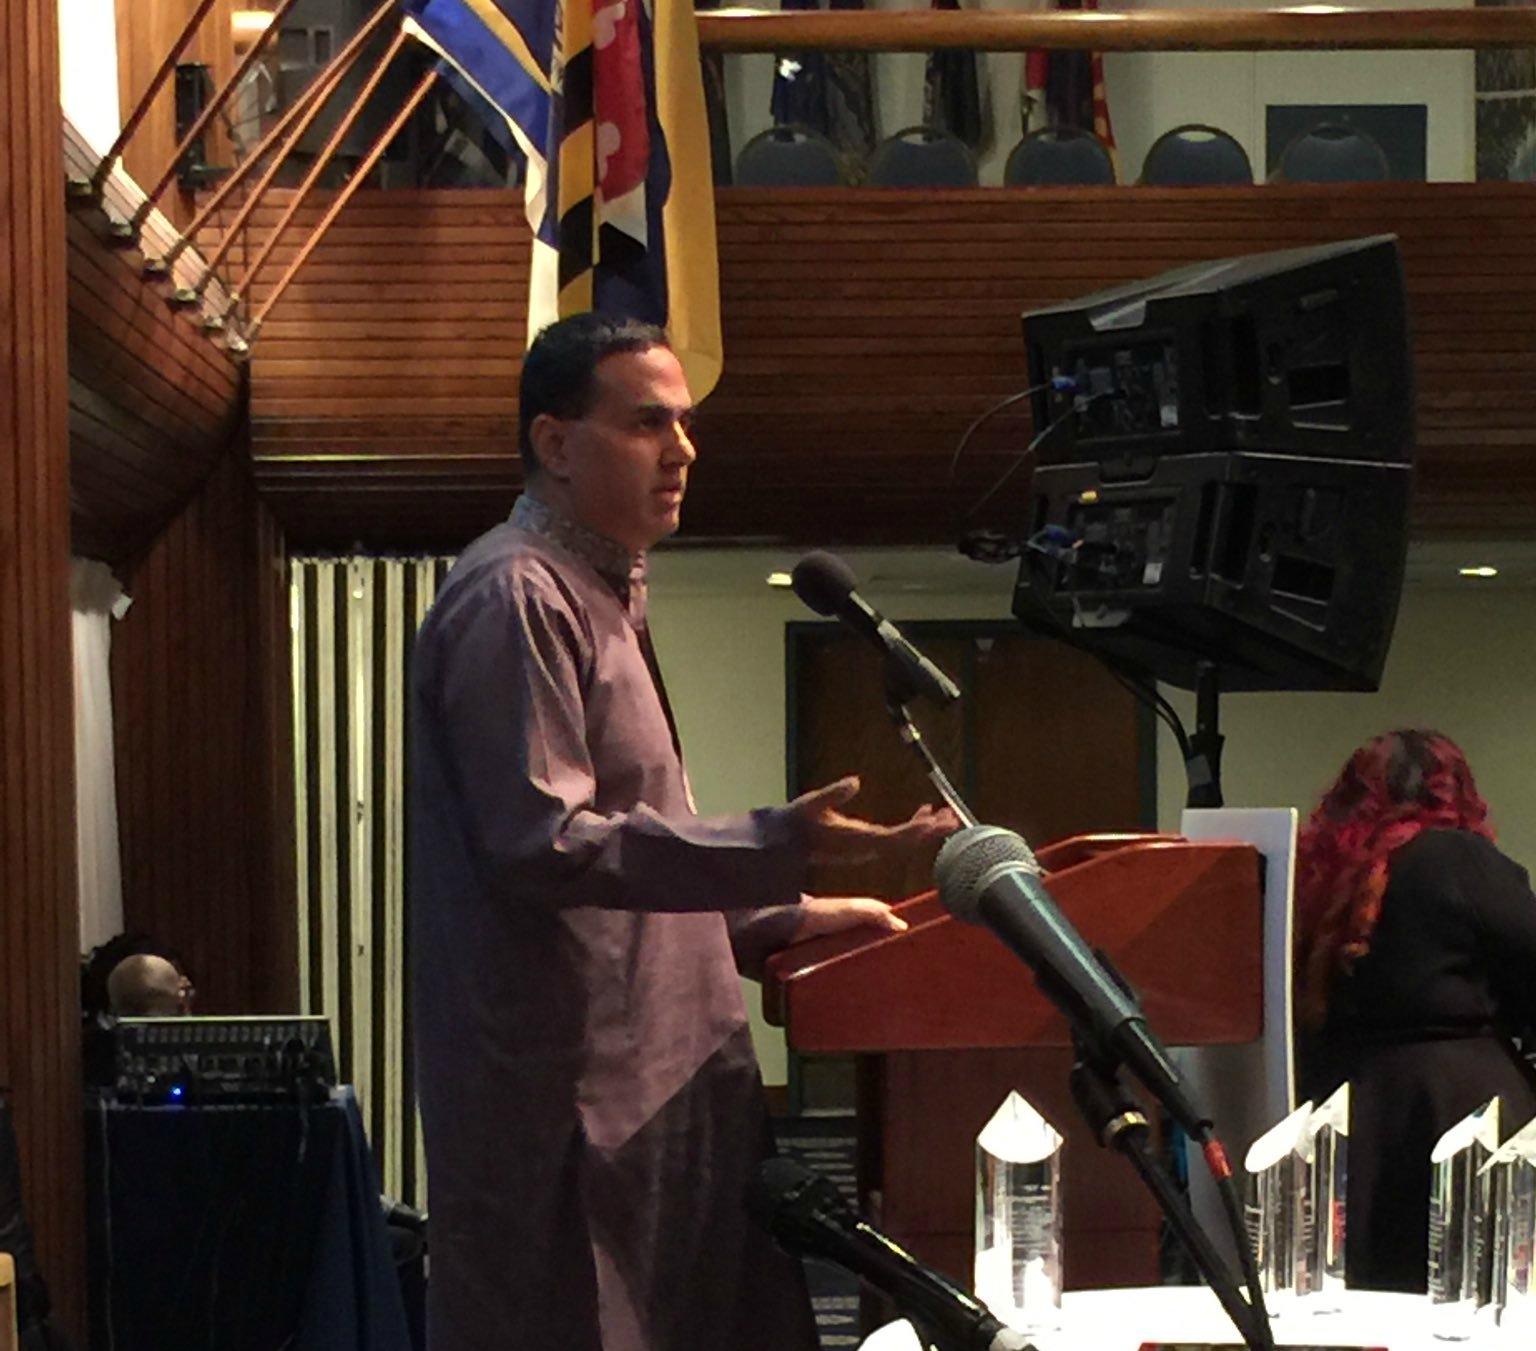 Professor Jayesh Rathod Receives SAALT 2017 Change Makers Award for His Immigration Justice Work